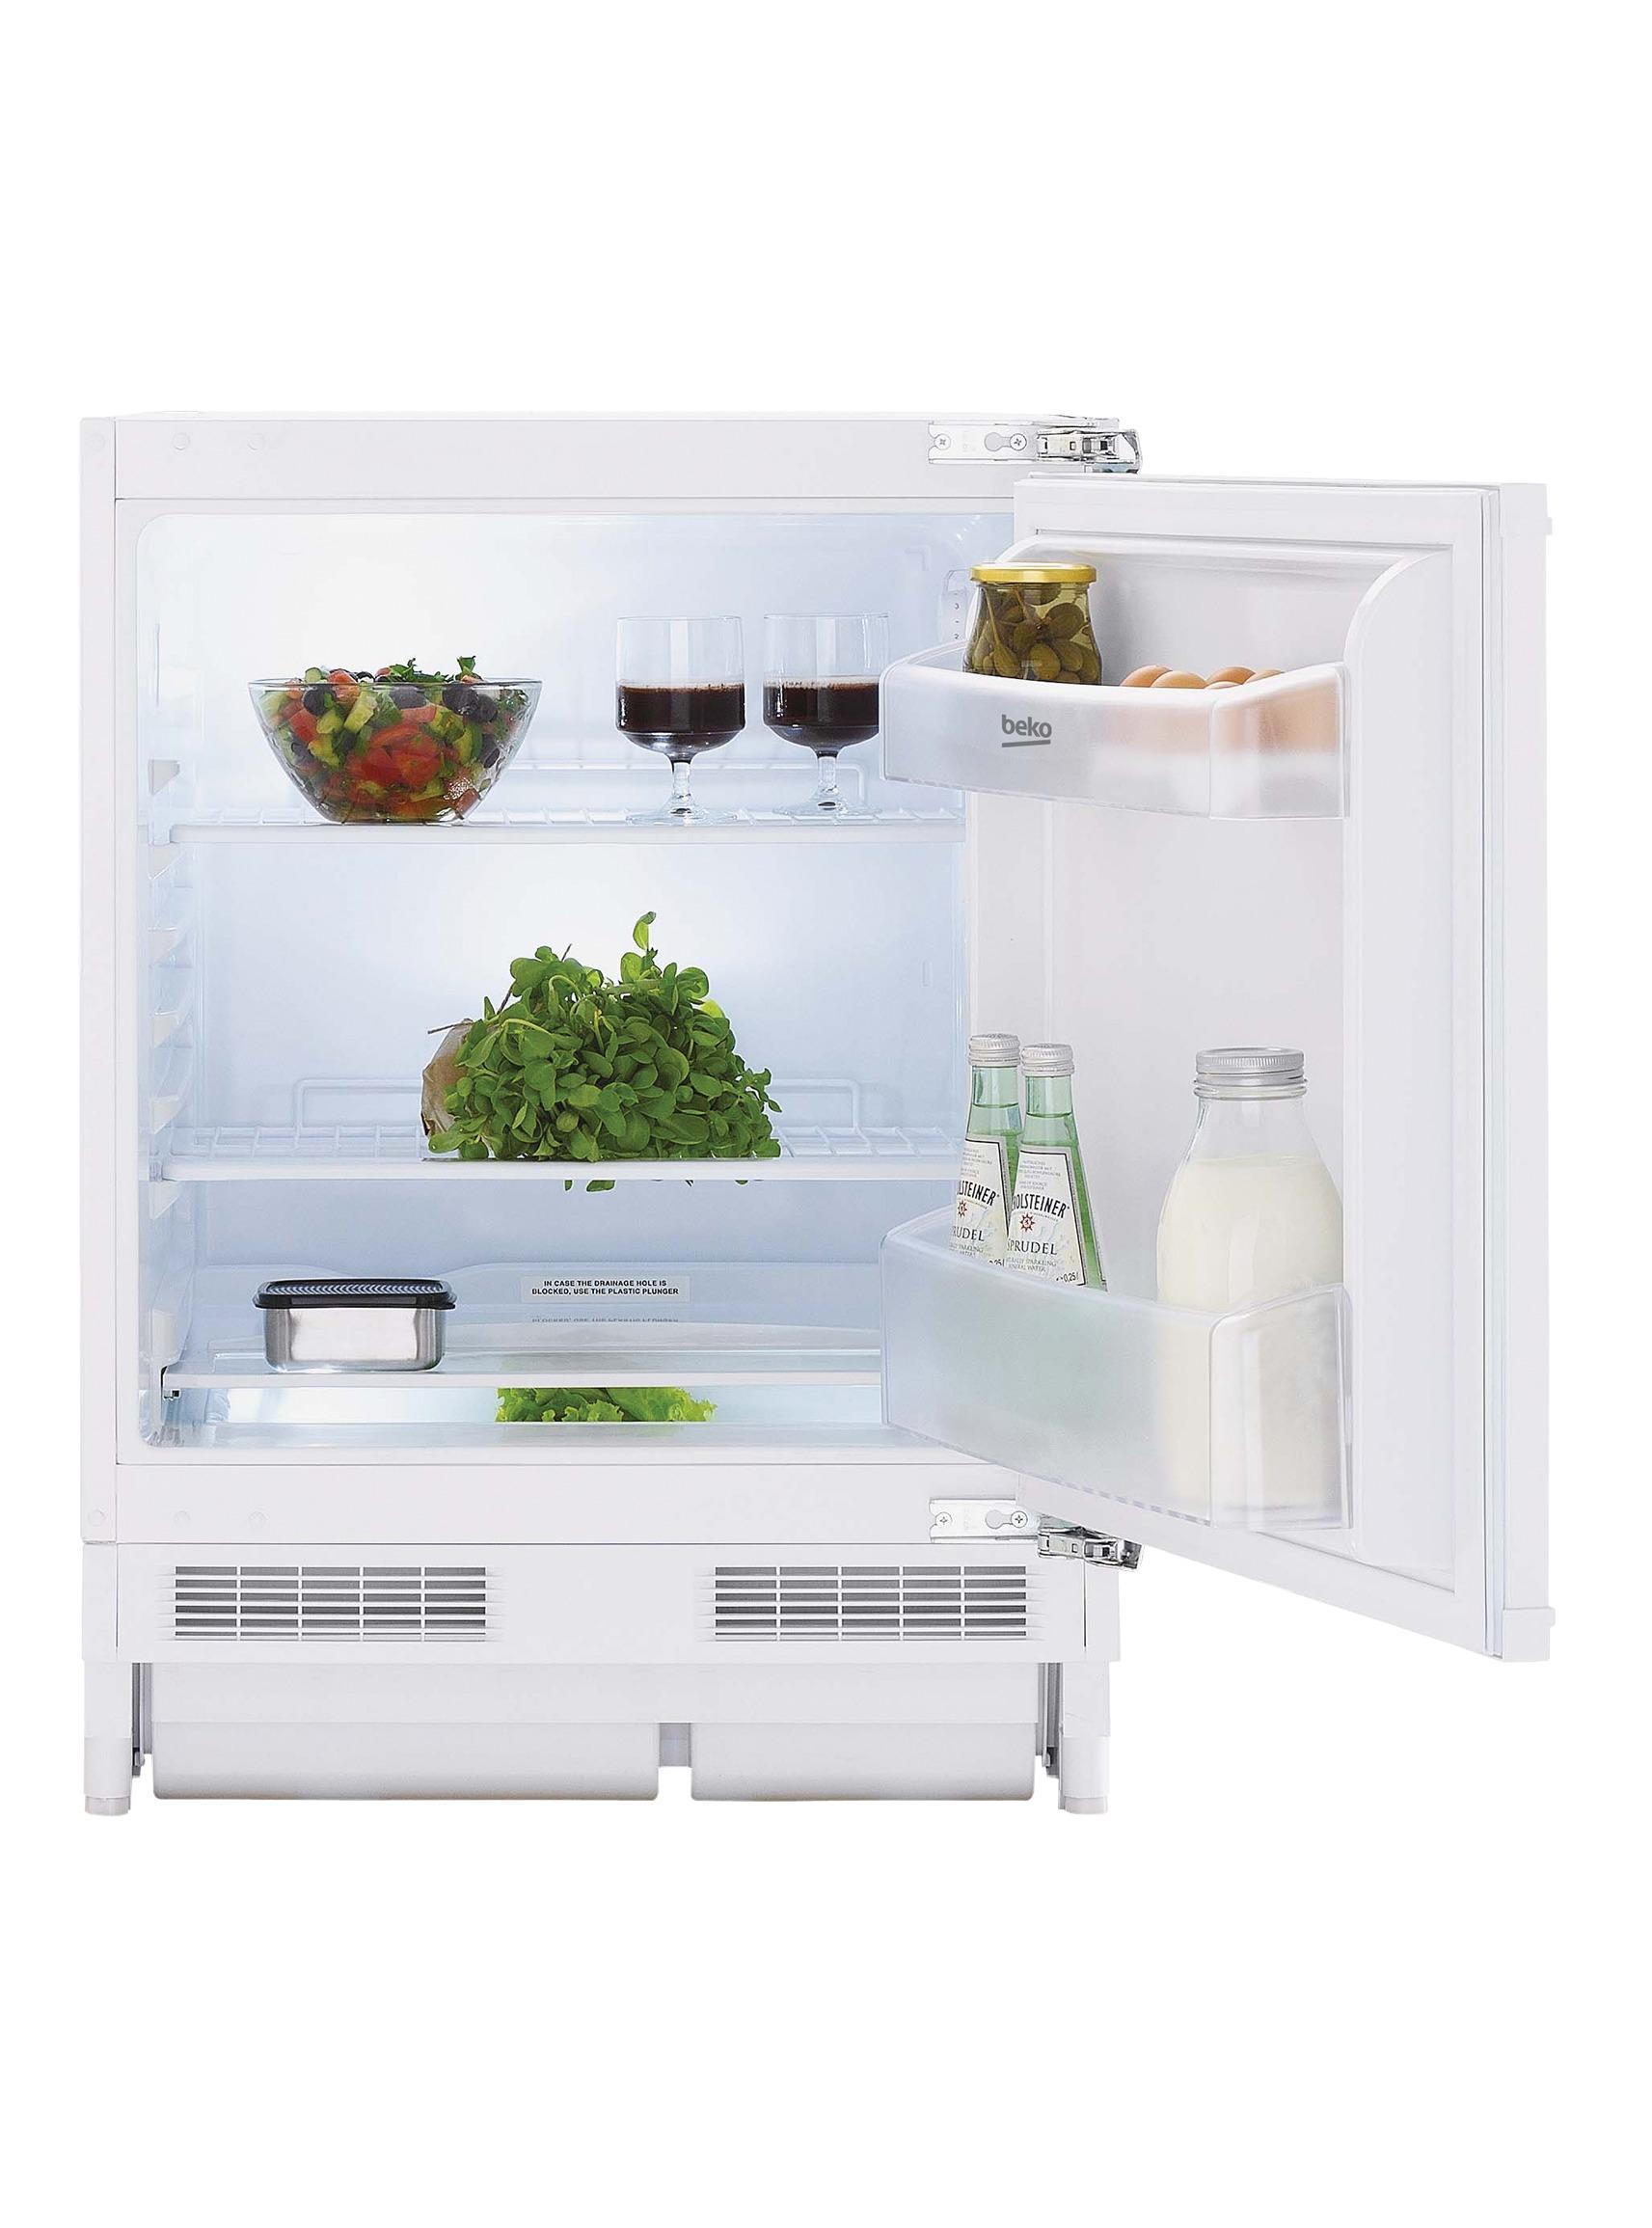 Beko BU1103N Inbouw koelkast Wit